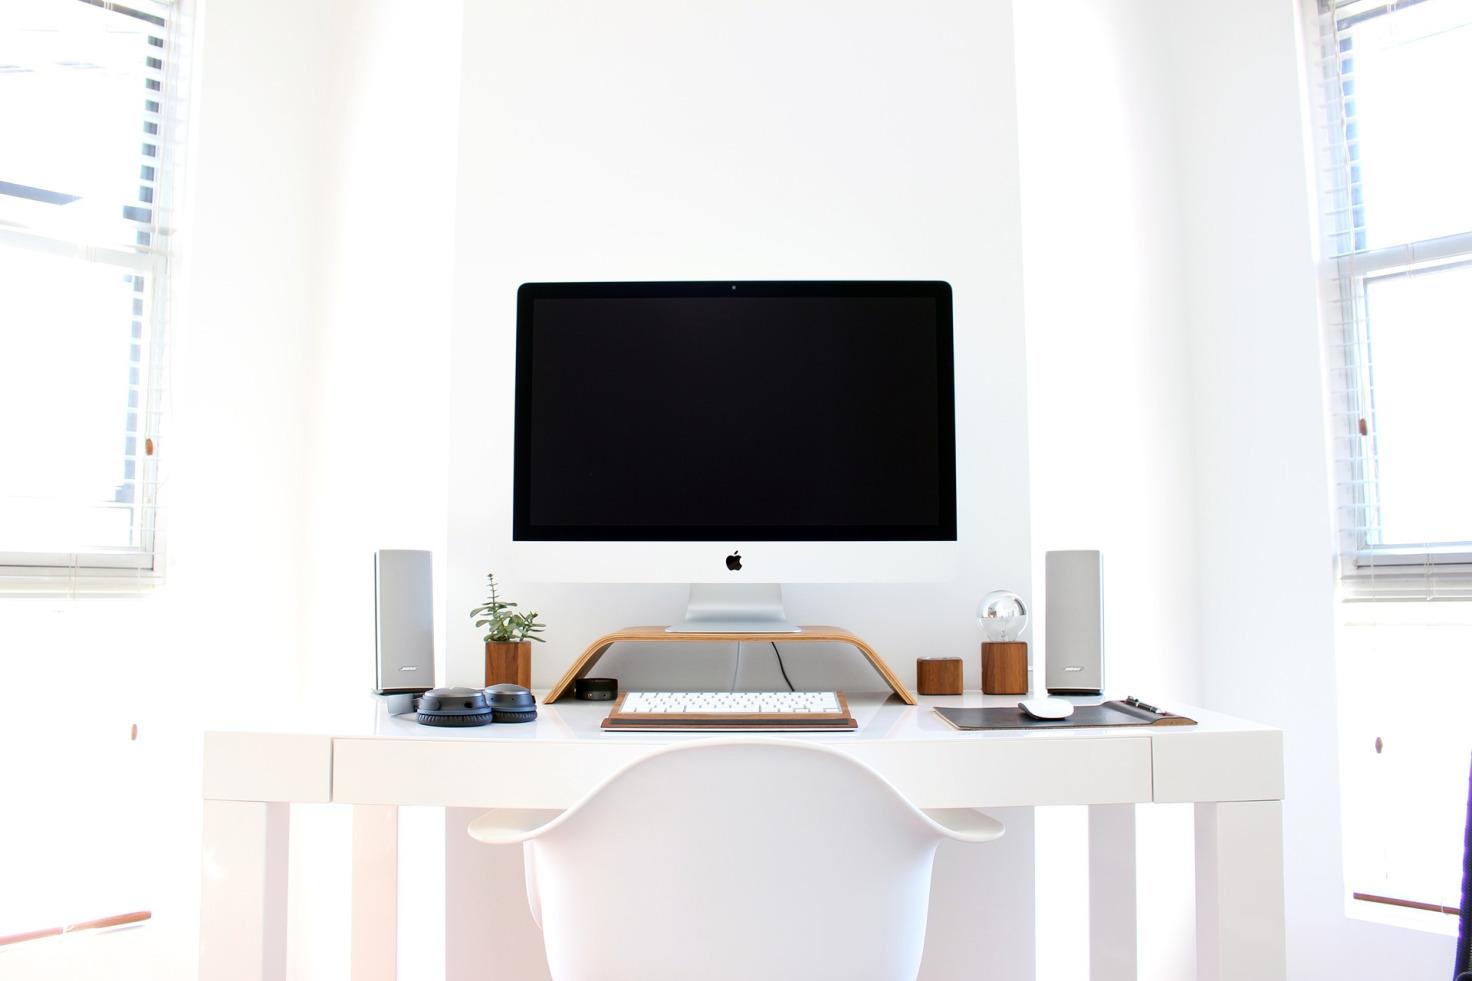 Les mises à jour Atolia en Janvier 2019 bureau blanc macbook